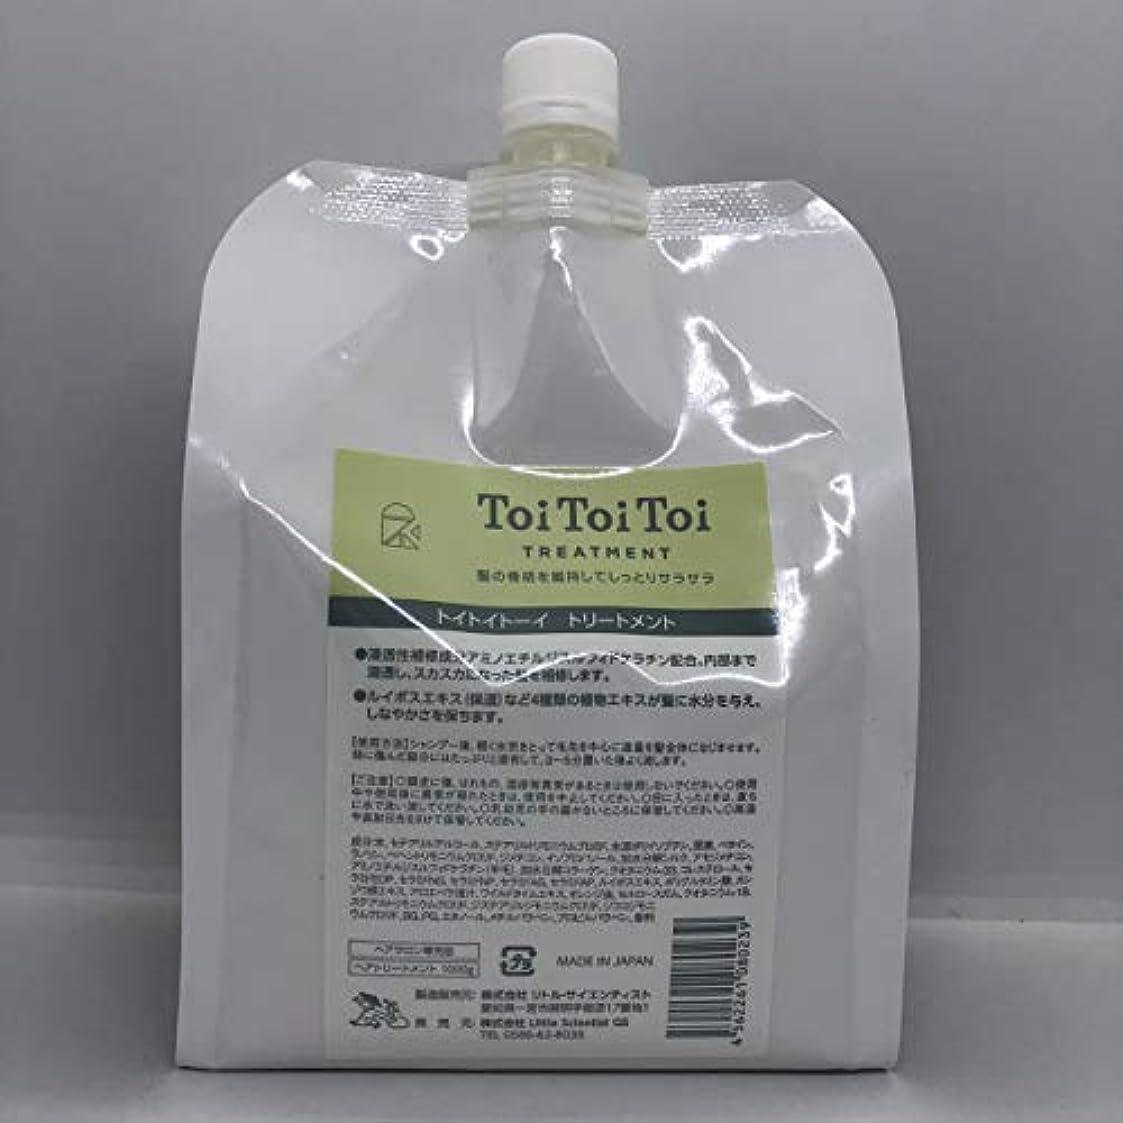 伸ばすはっきりしない斧リトルサイエンティスト トイトイトーイ ToiToiToi トリートメント 1000ml レフィル